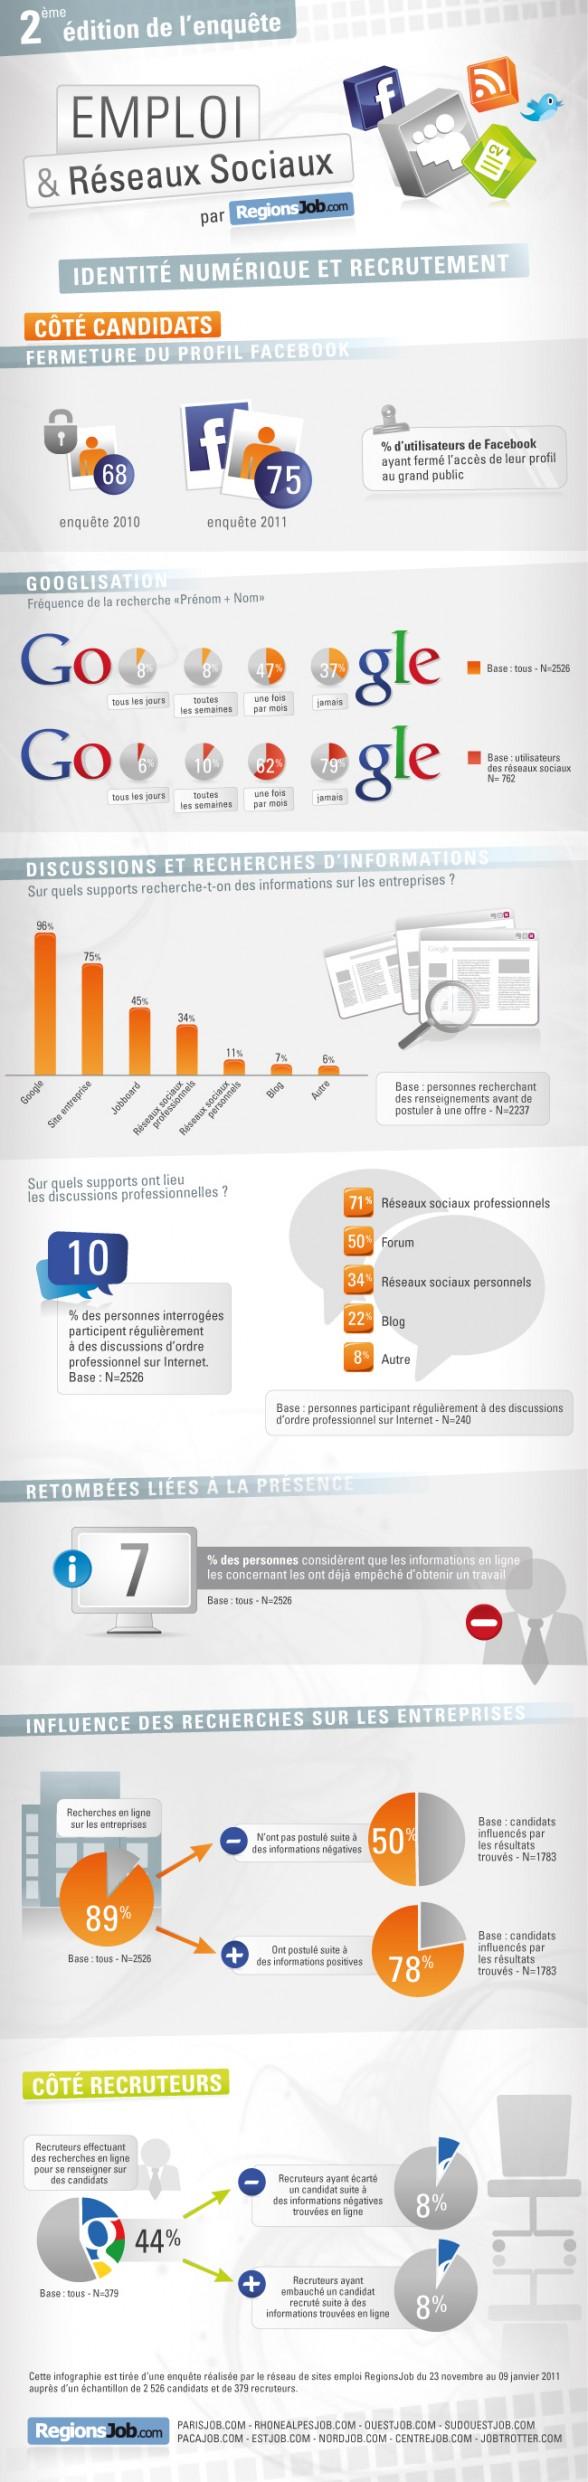 Infographie identité nuémrique et recrutement